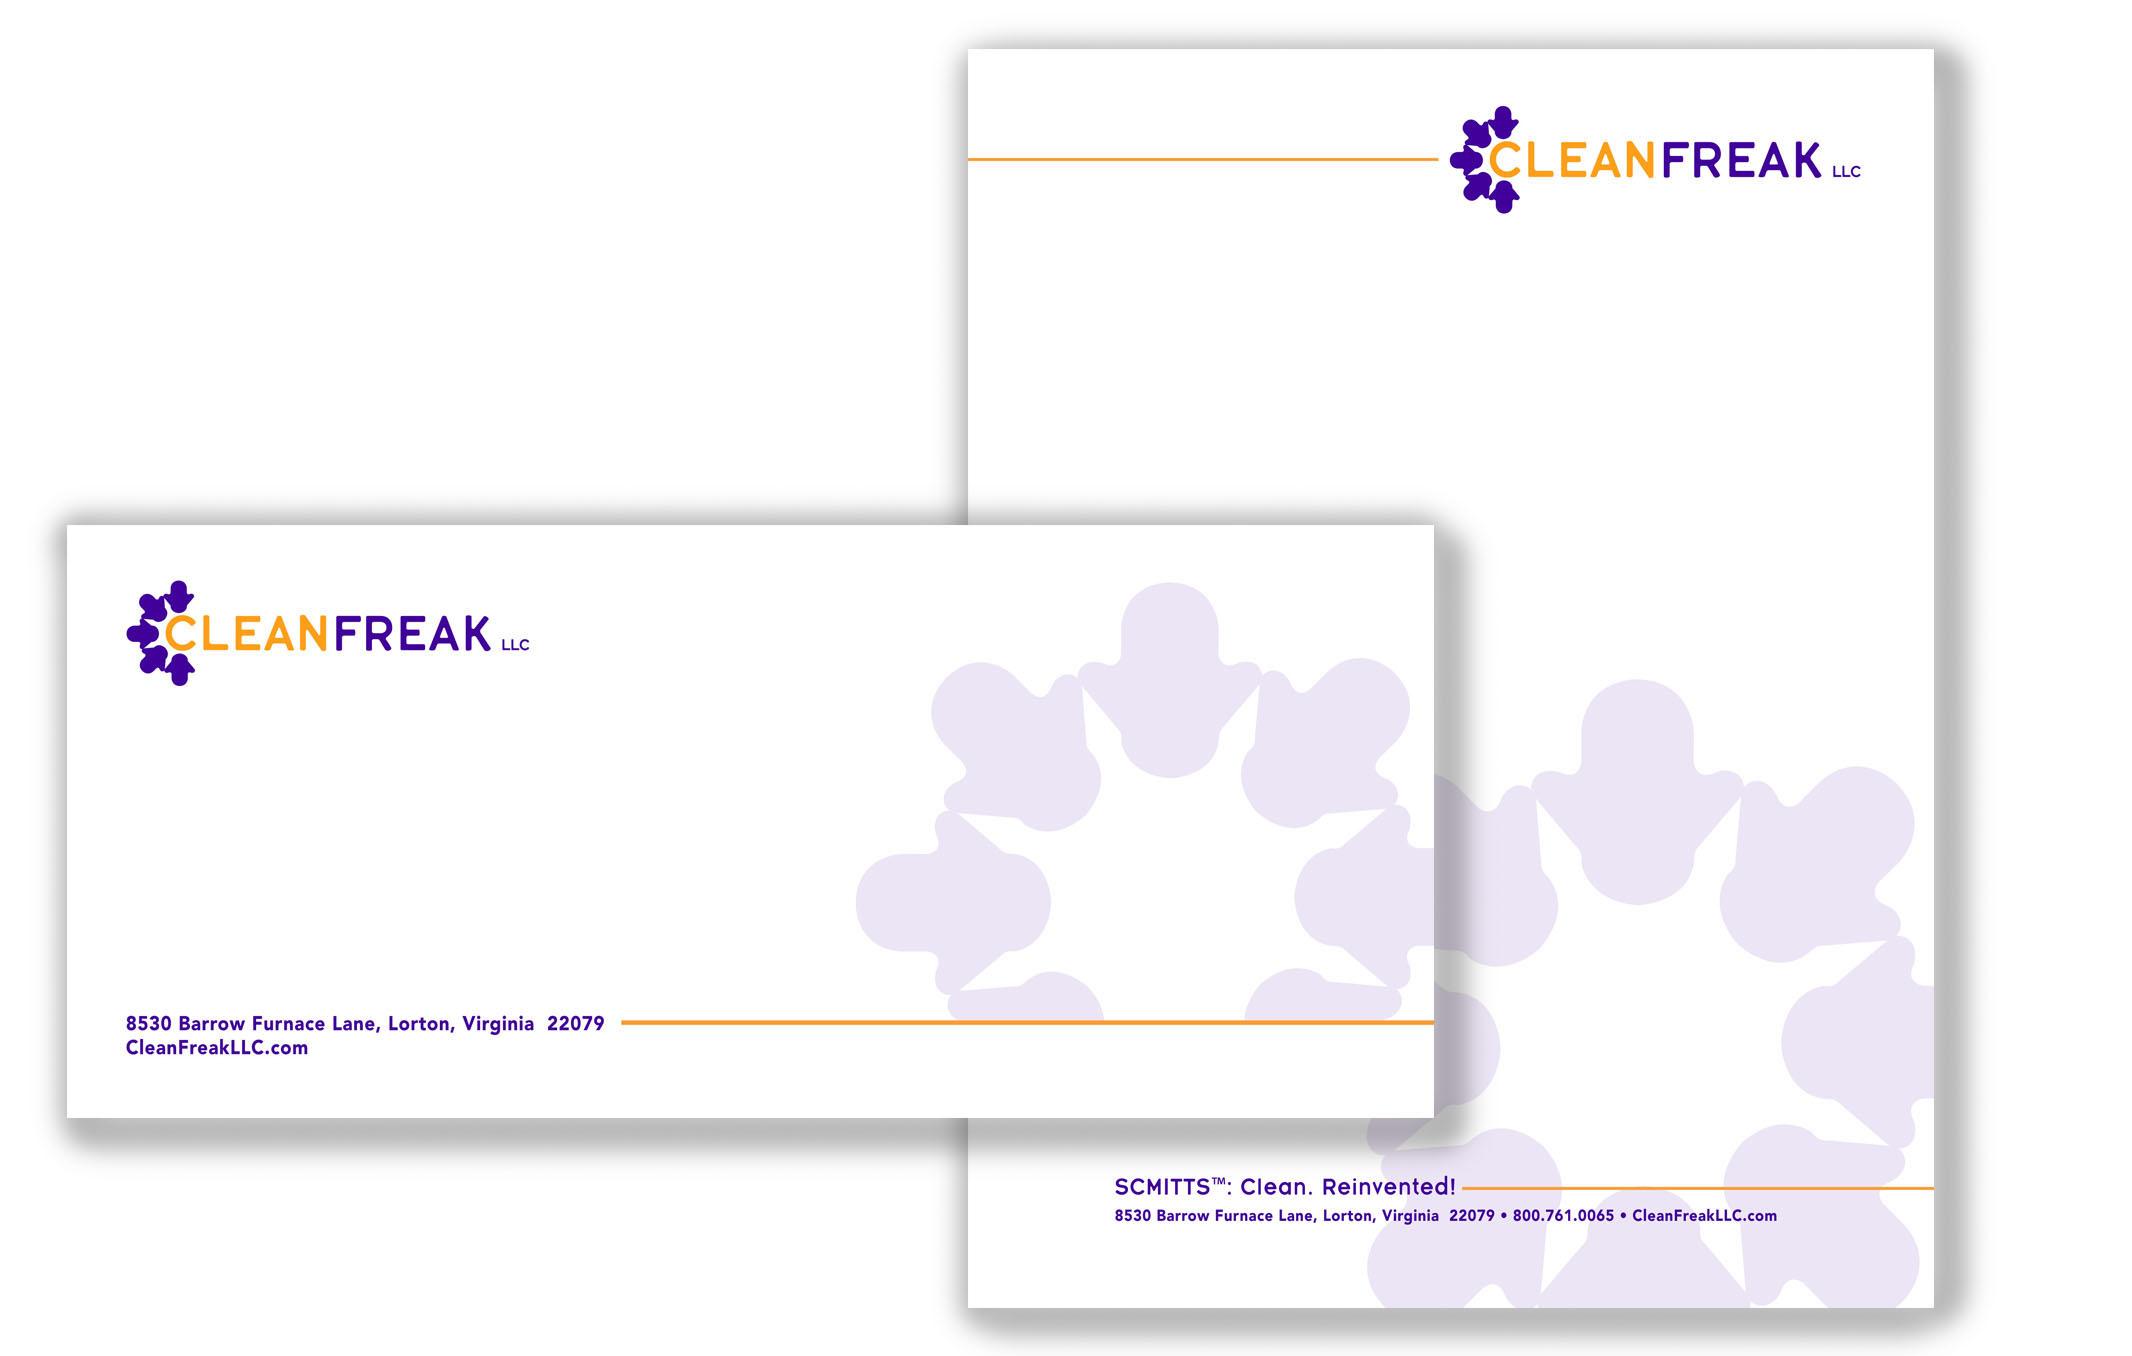 Clean Freak letterhead